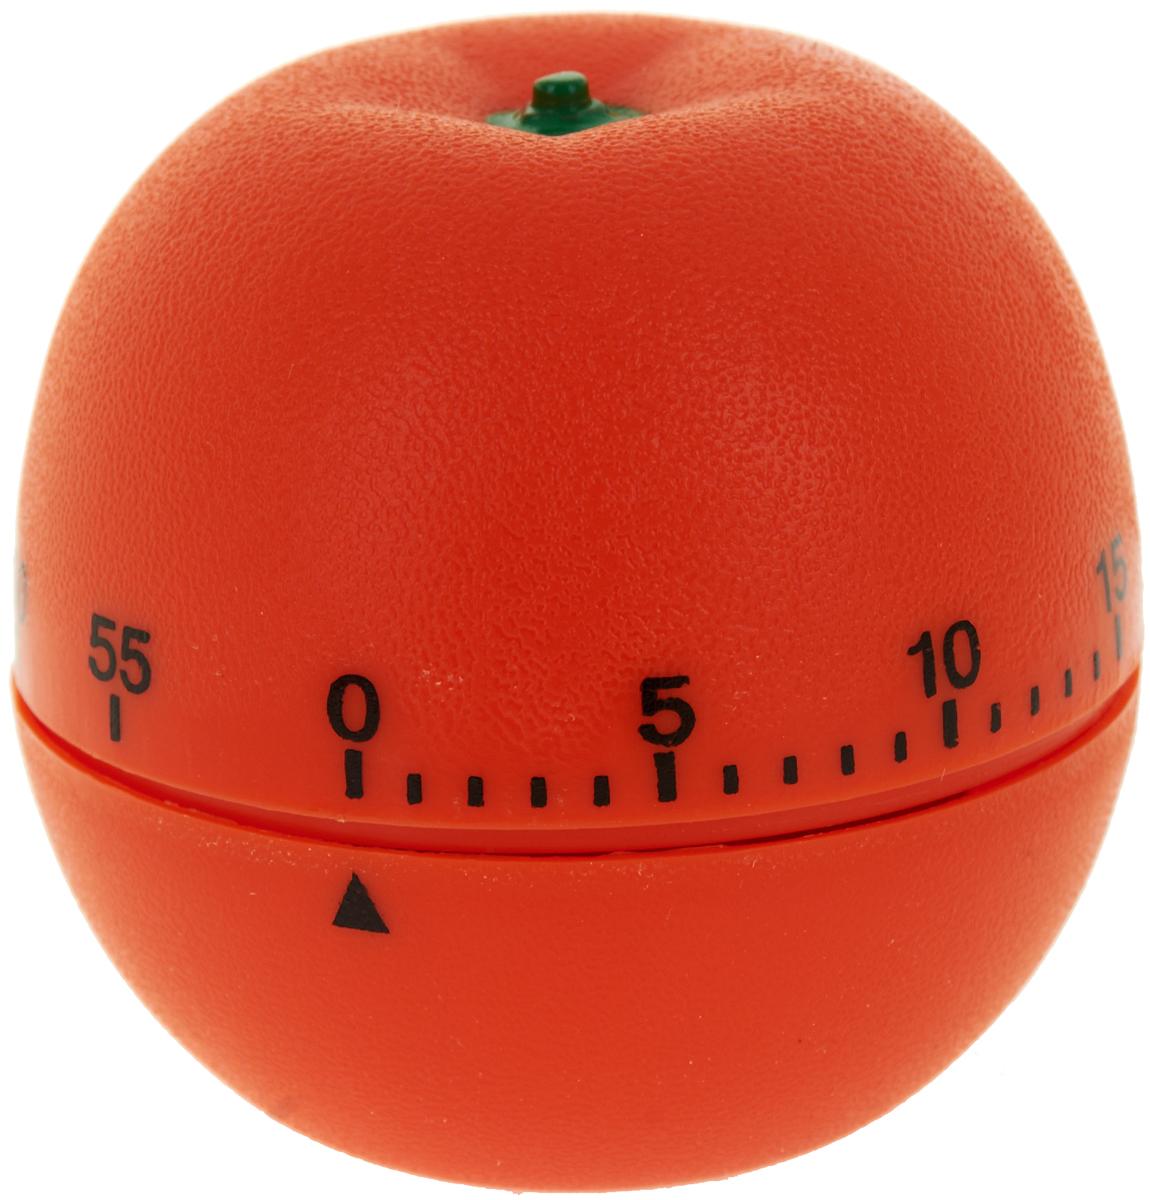 Таймер кухонный Best Home Kitchen Апельсин, цвет: оранжевый, на 60 минут4440038Механический кухонный таймер Best Home Kitchen Апельсин изготовлен из цветного пластика. Максимальное время, на которое Вы можете поставить таймер, составляет 60 минут. После того, как время истечет, таймер громко зазвенит. Оригинальный дизайн таймера украсит интерьер любой современной кухни, и теперь Вы сможете без труда вскипятить молоко, отварить пельмени или вовремя вынуть из духовки аппетитный пирог.